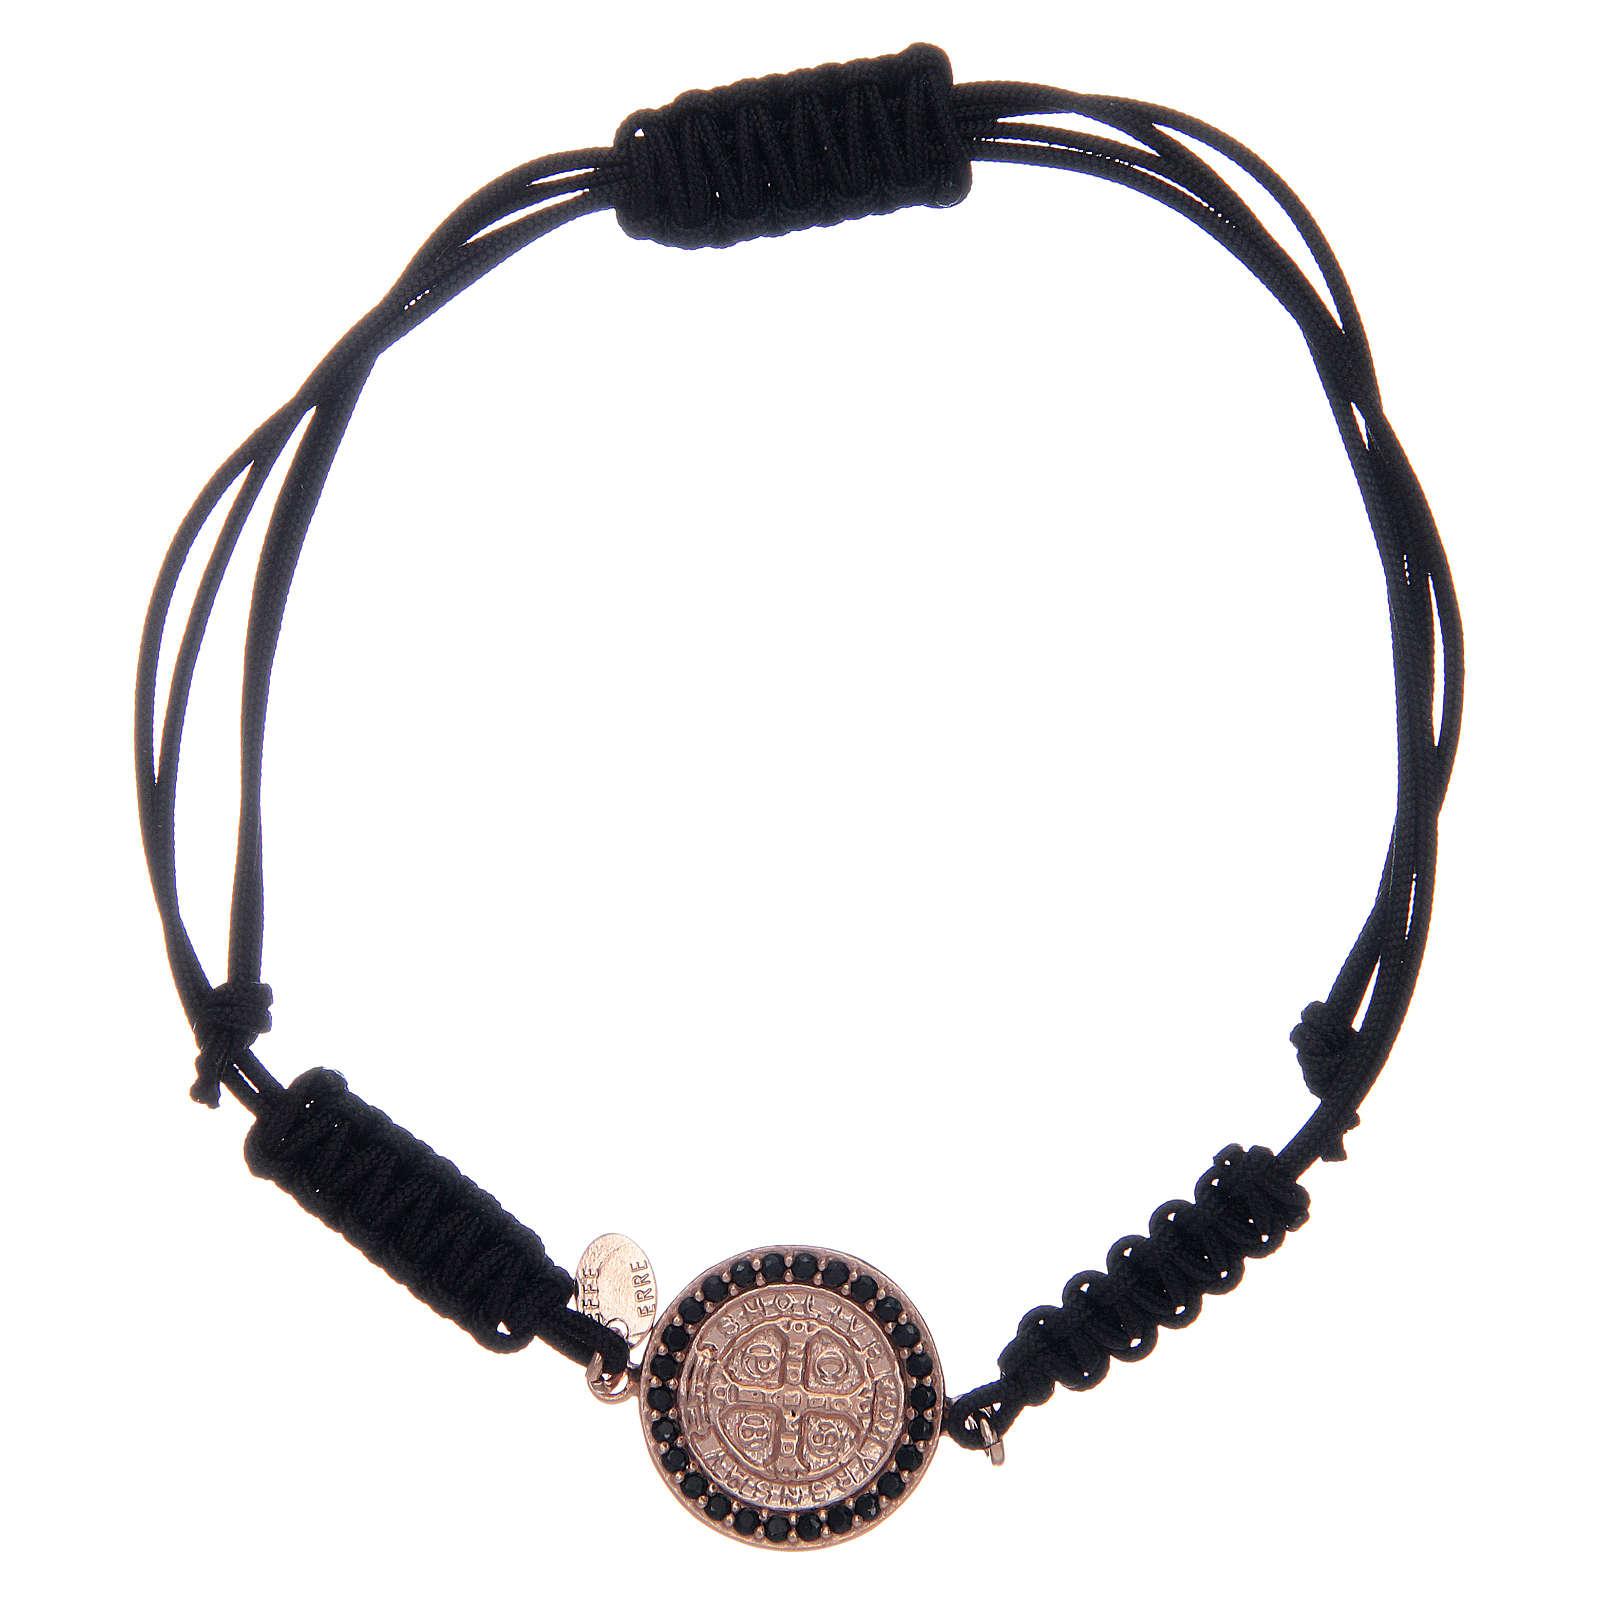 Bracciale cordino argento 925 S. Benedetto rosè zirconi neri 4